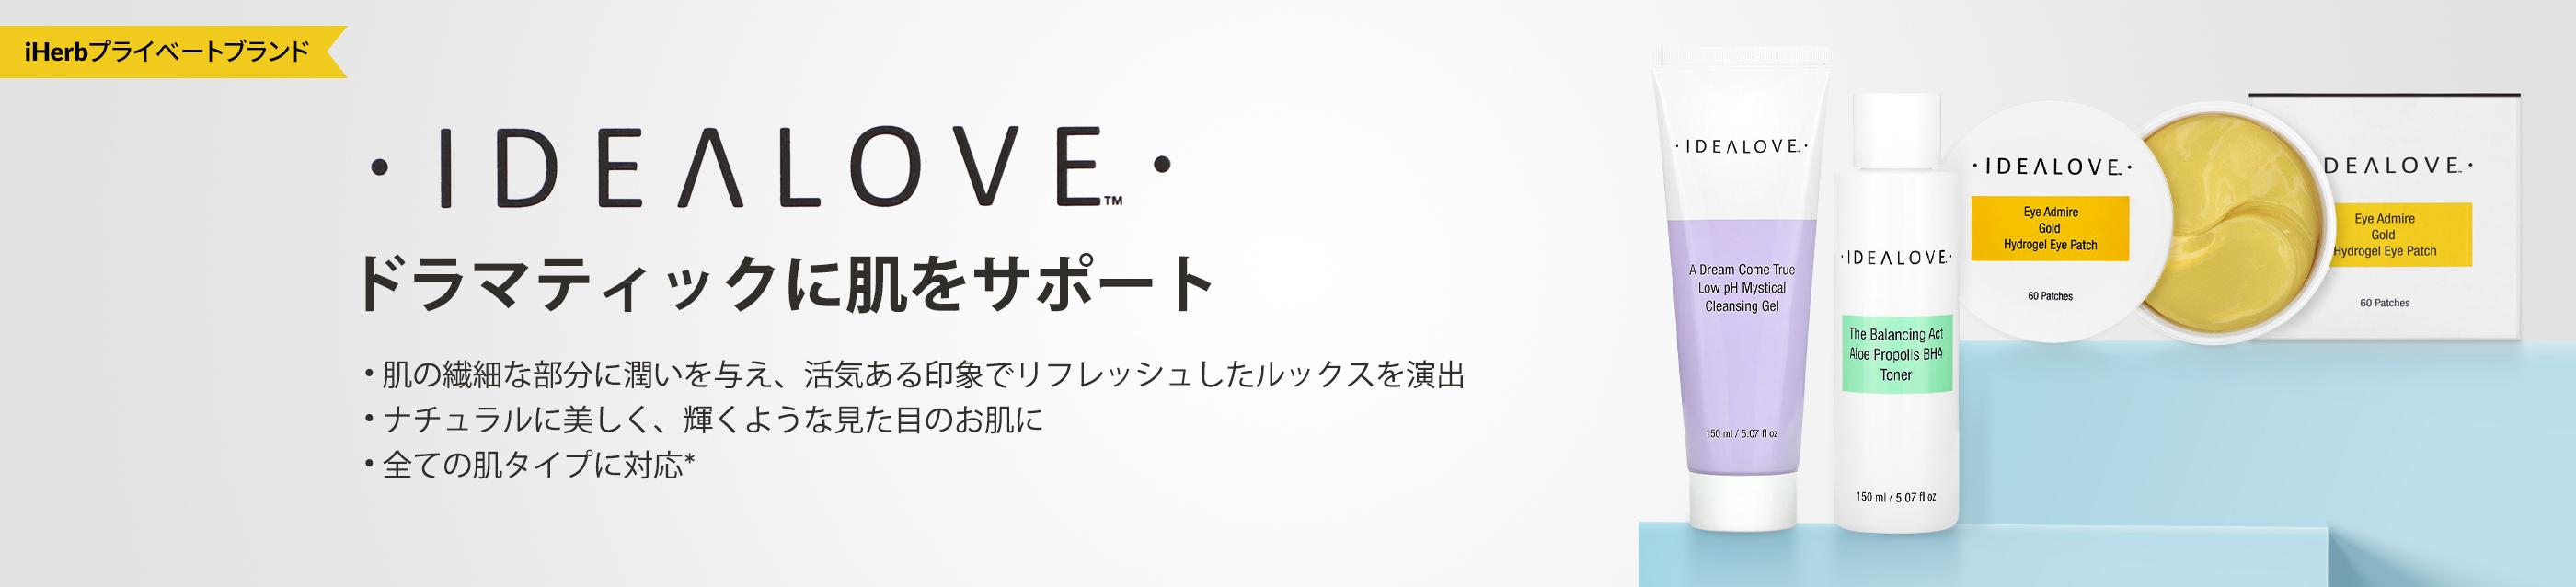 Idealove(アイデアラブ)